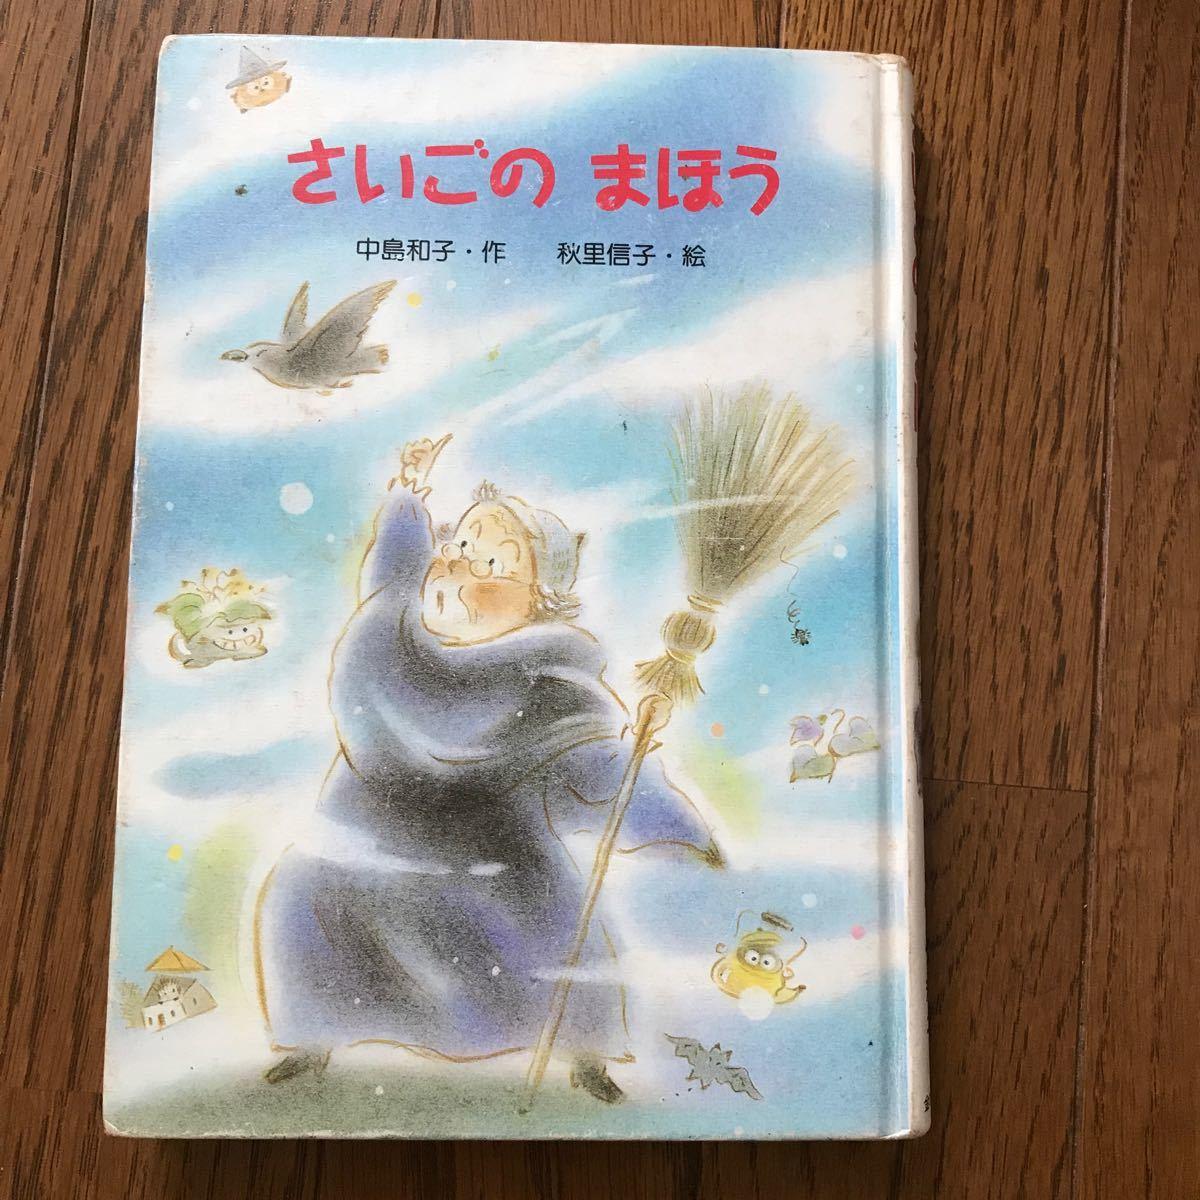 夏休み 読書感想文 5冊